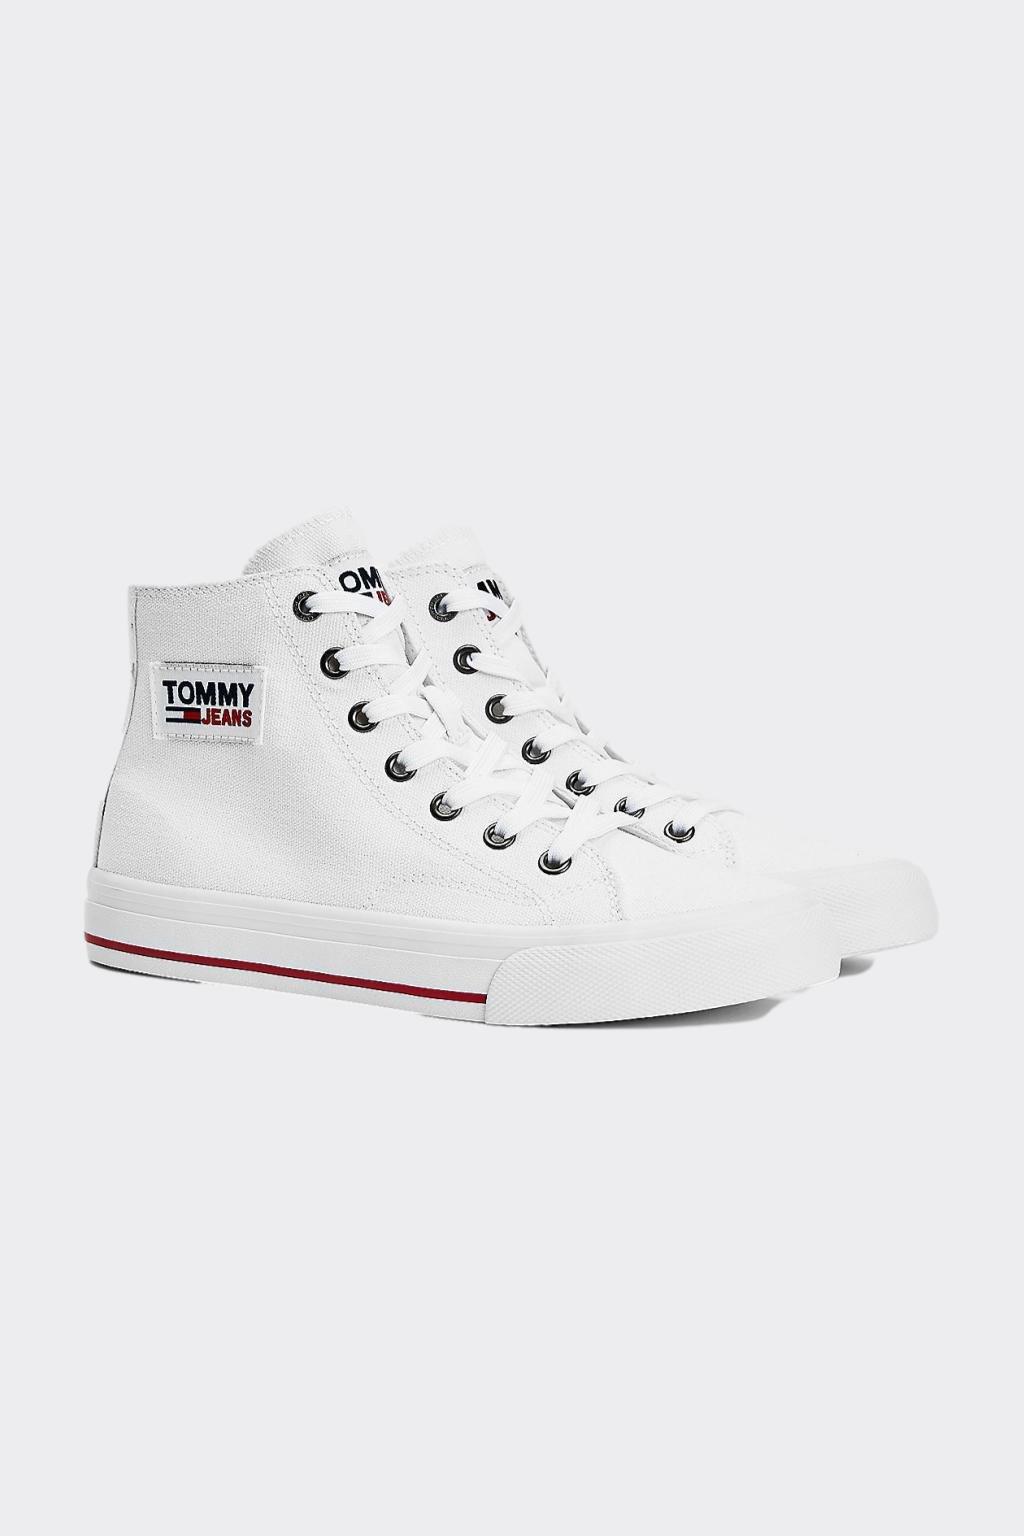 Tommy Jeans kotníčkové dámské tenisky - bílé